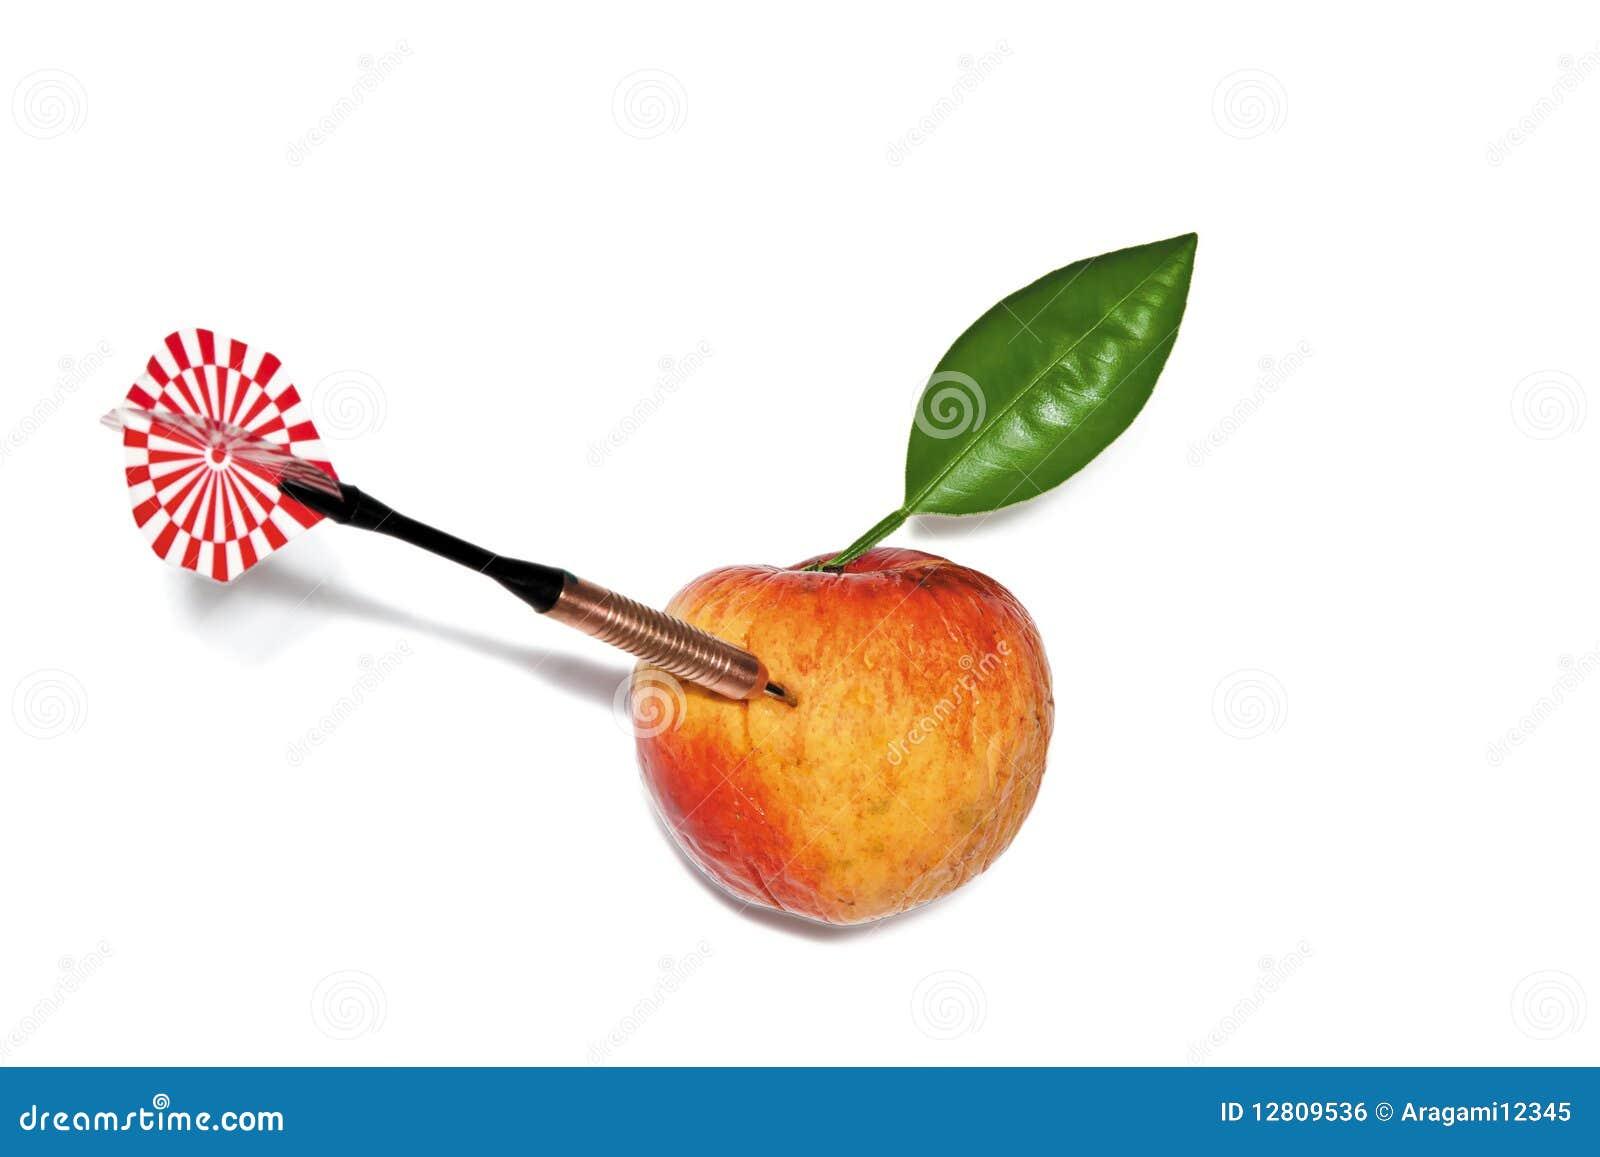 Dardo na maçã com folha verde